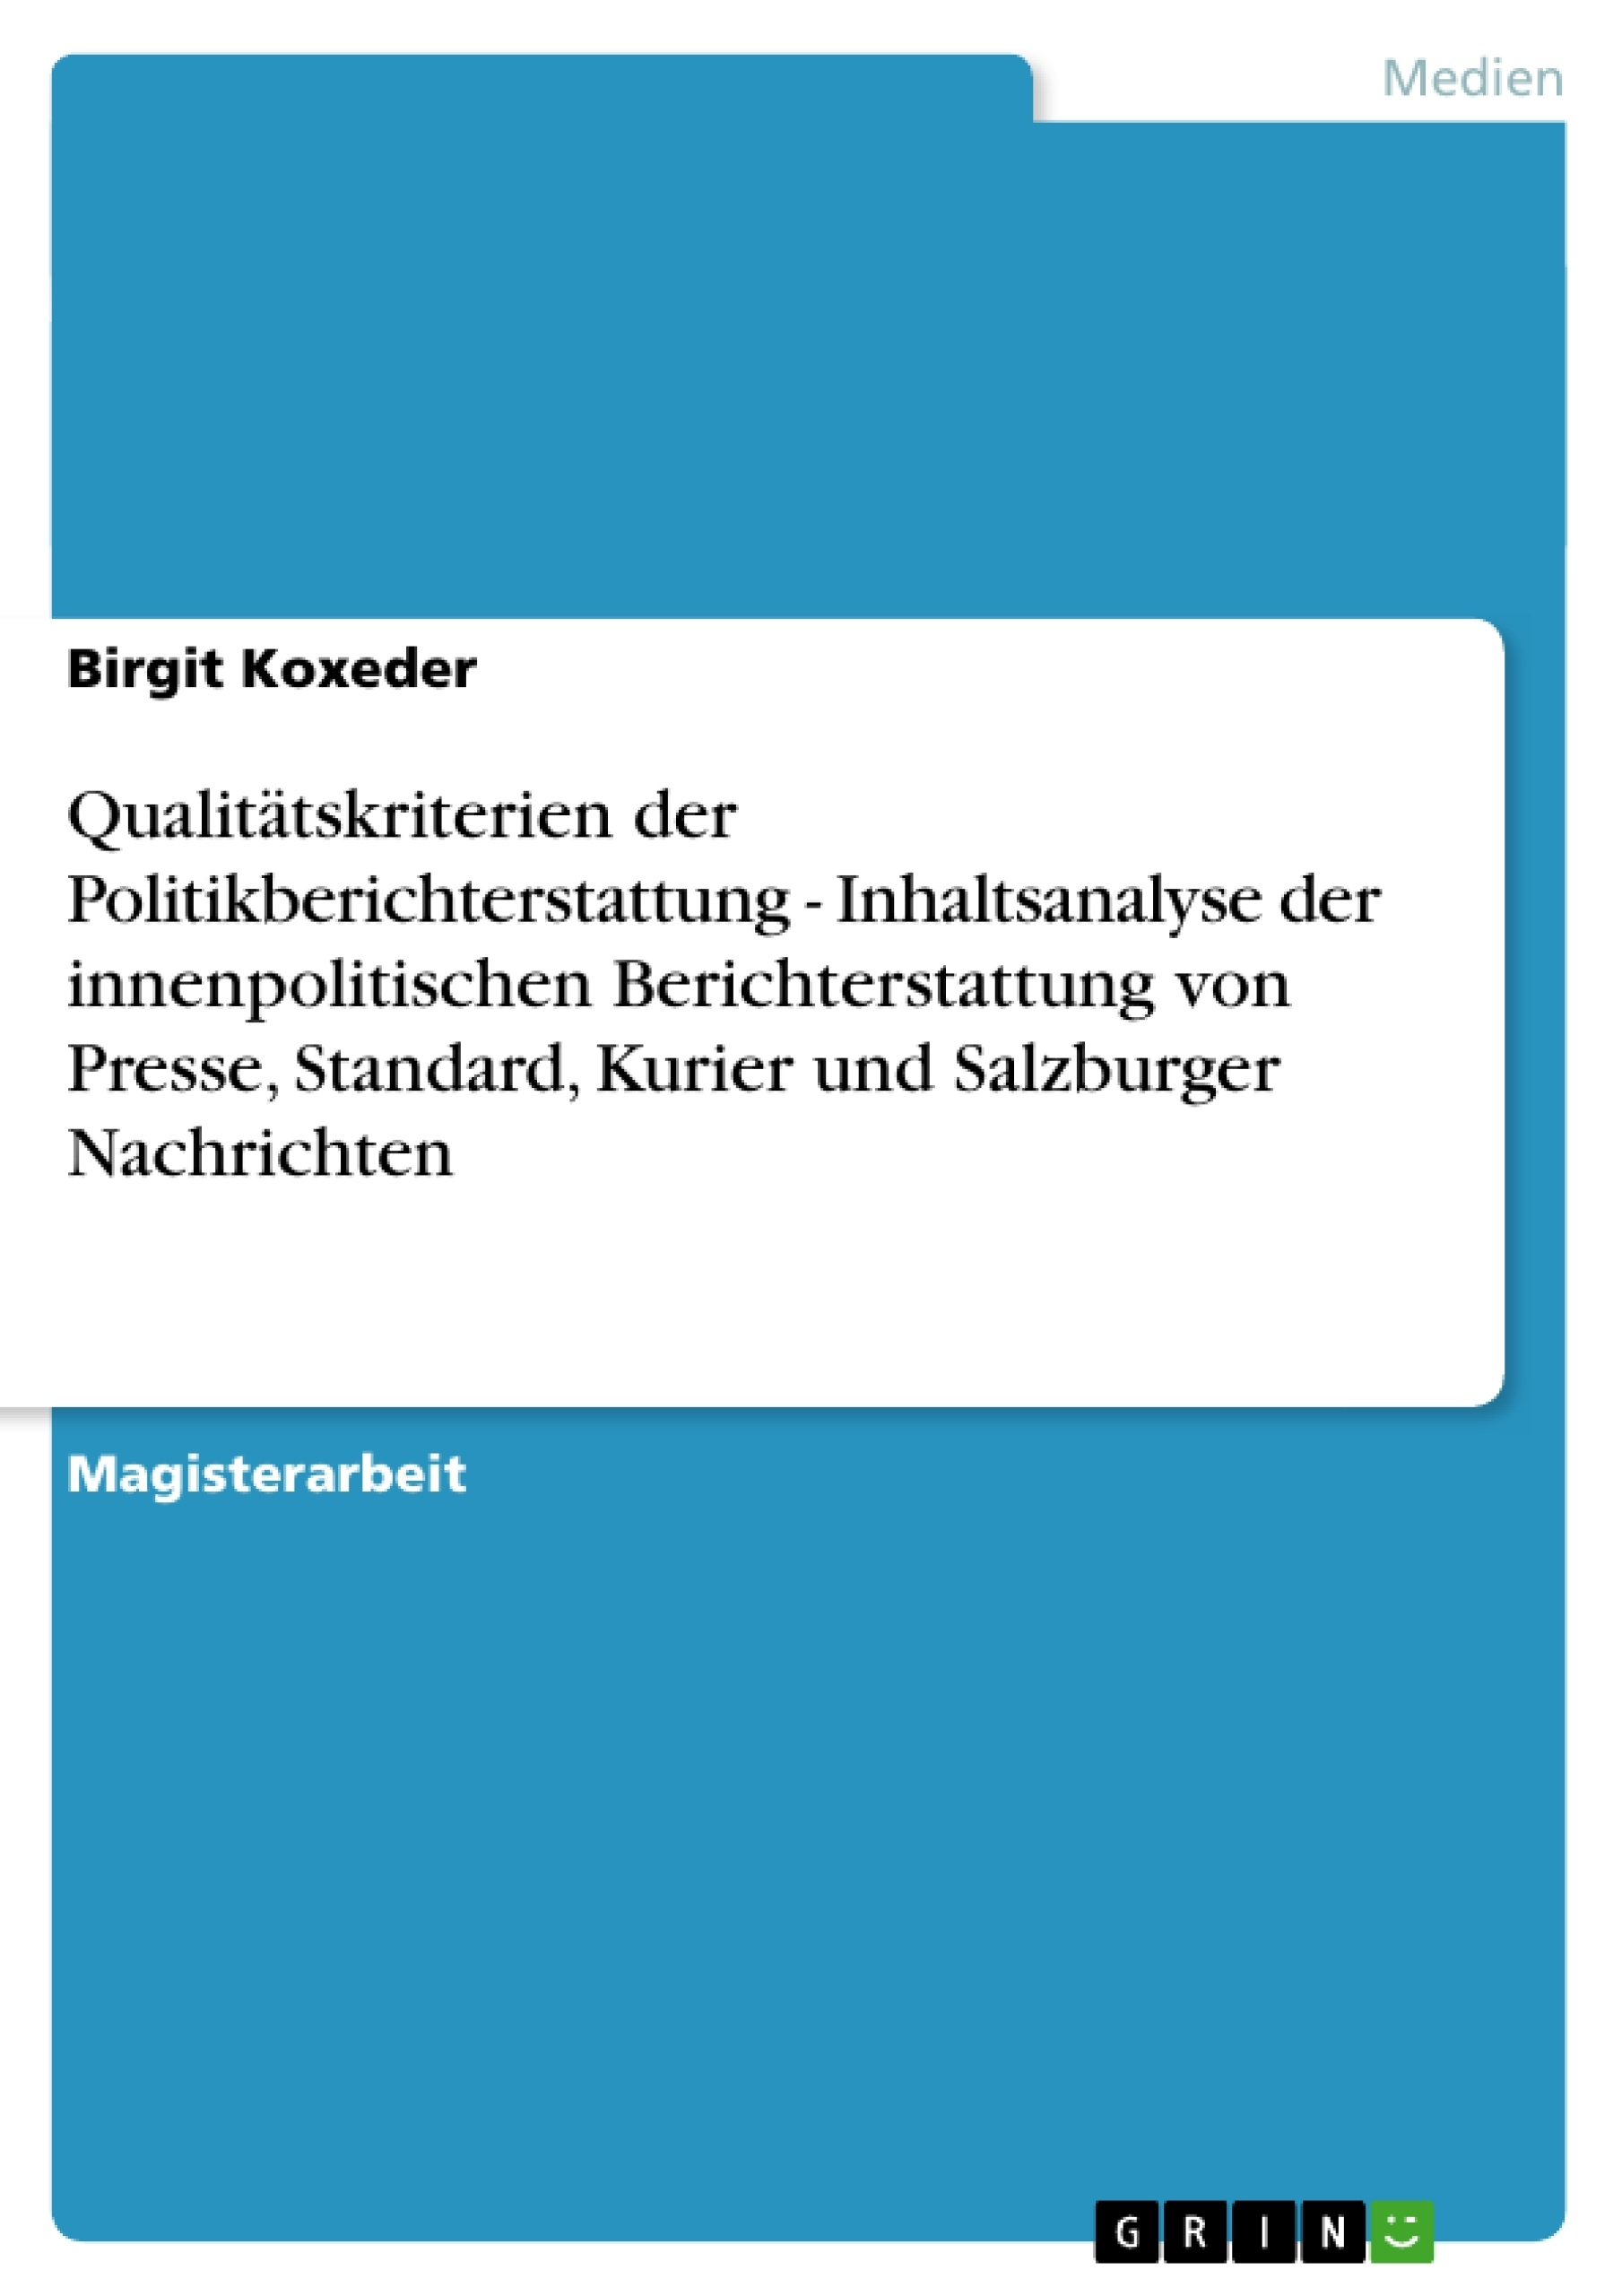 Titel: Qualitätskriterien der Politikberichterstattung - Inhaltsanalyse der innenpolitischen Berichterstattung von Presse, Standard, Kurier und Salzburger Nachrichten